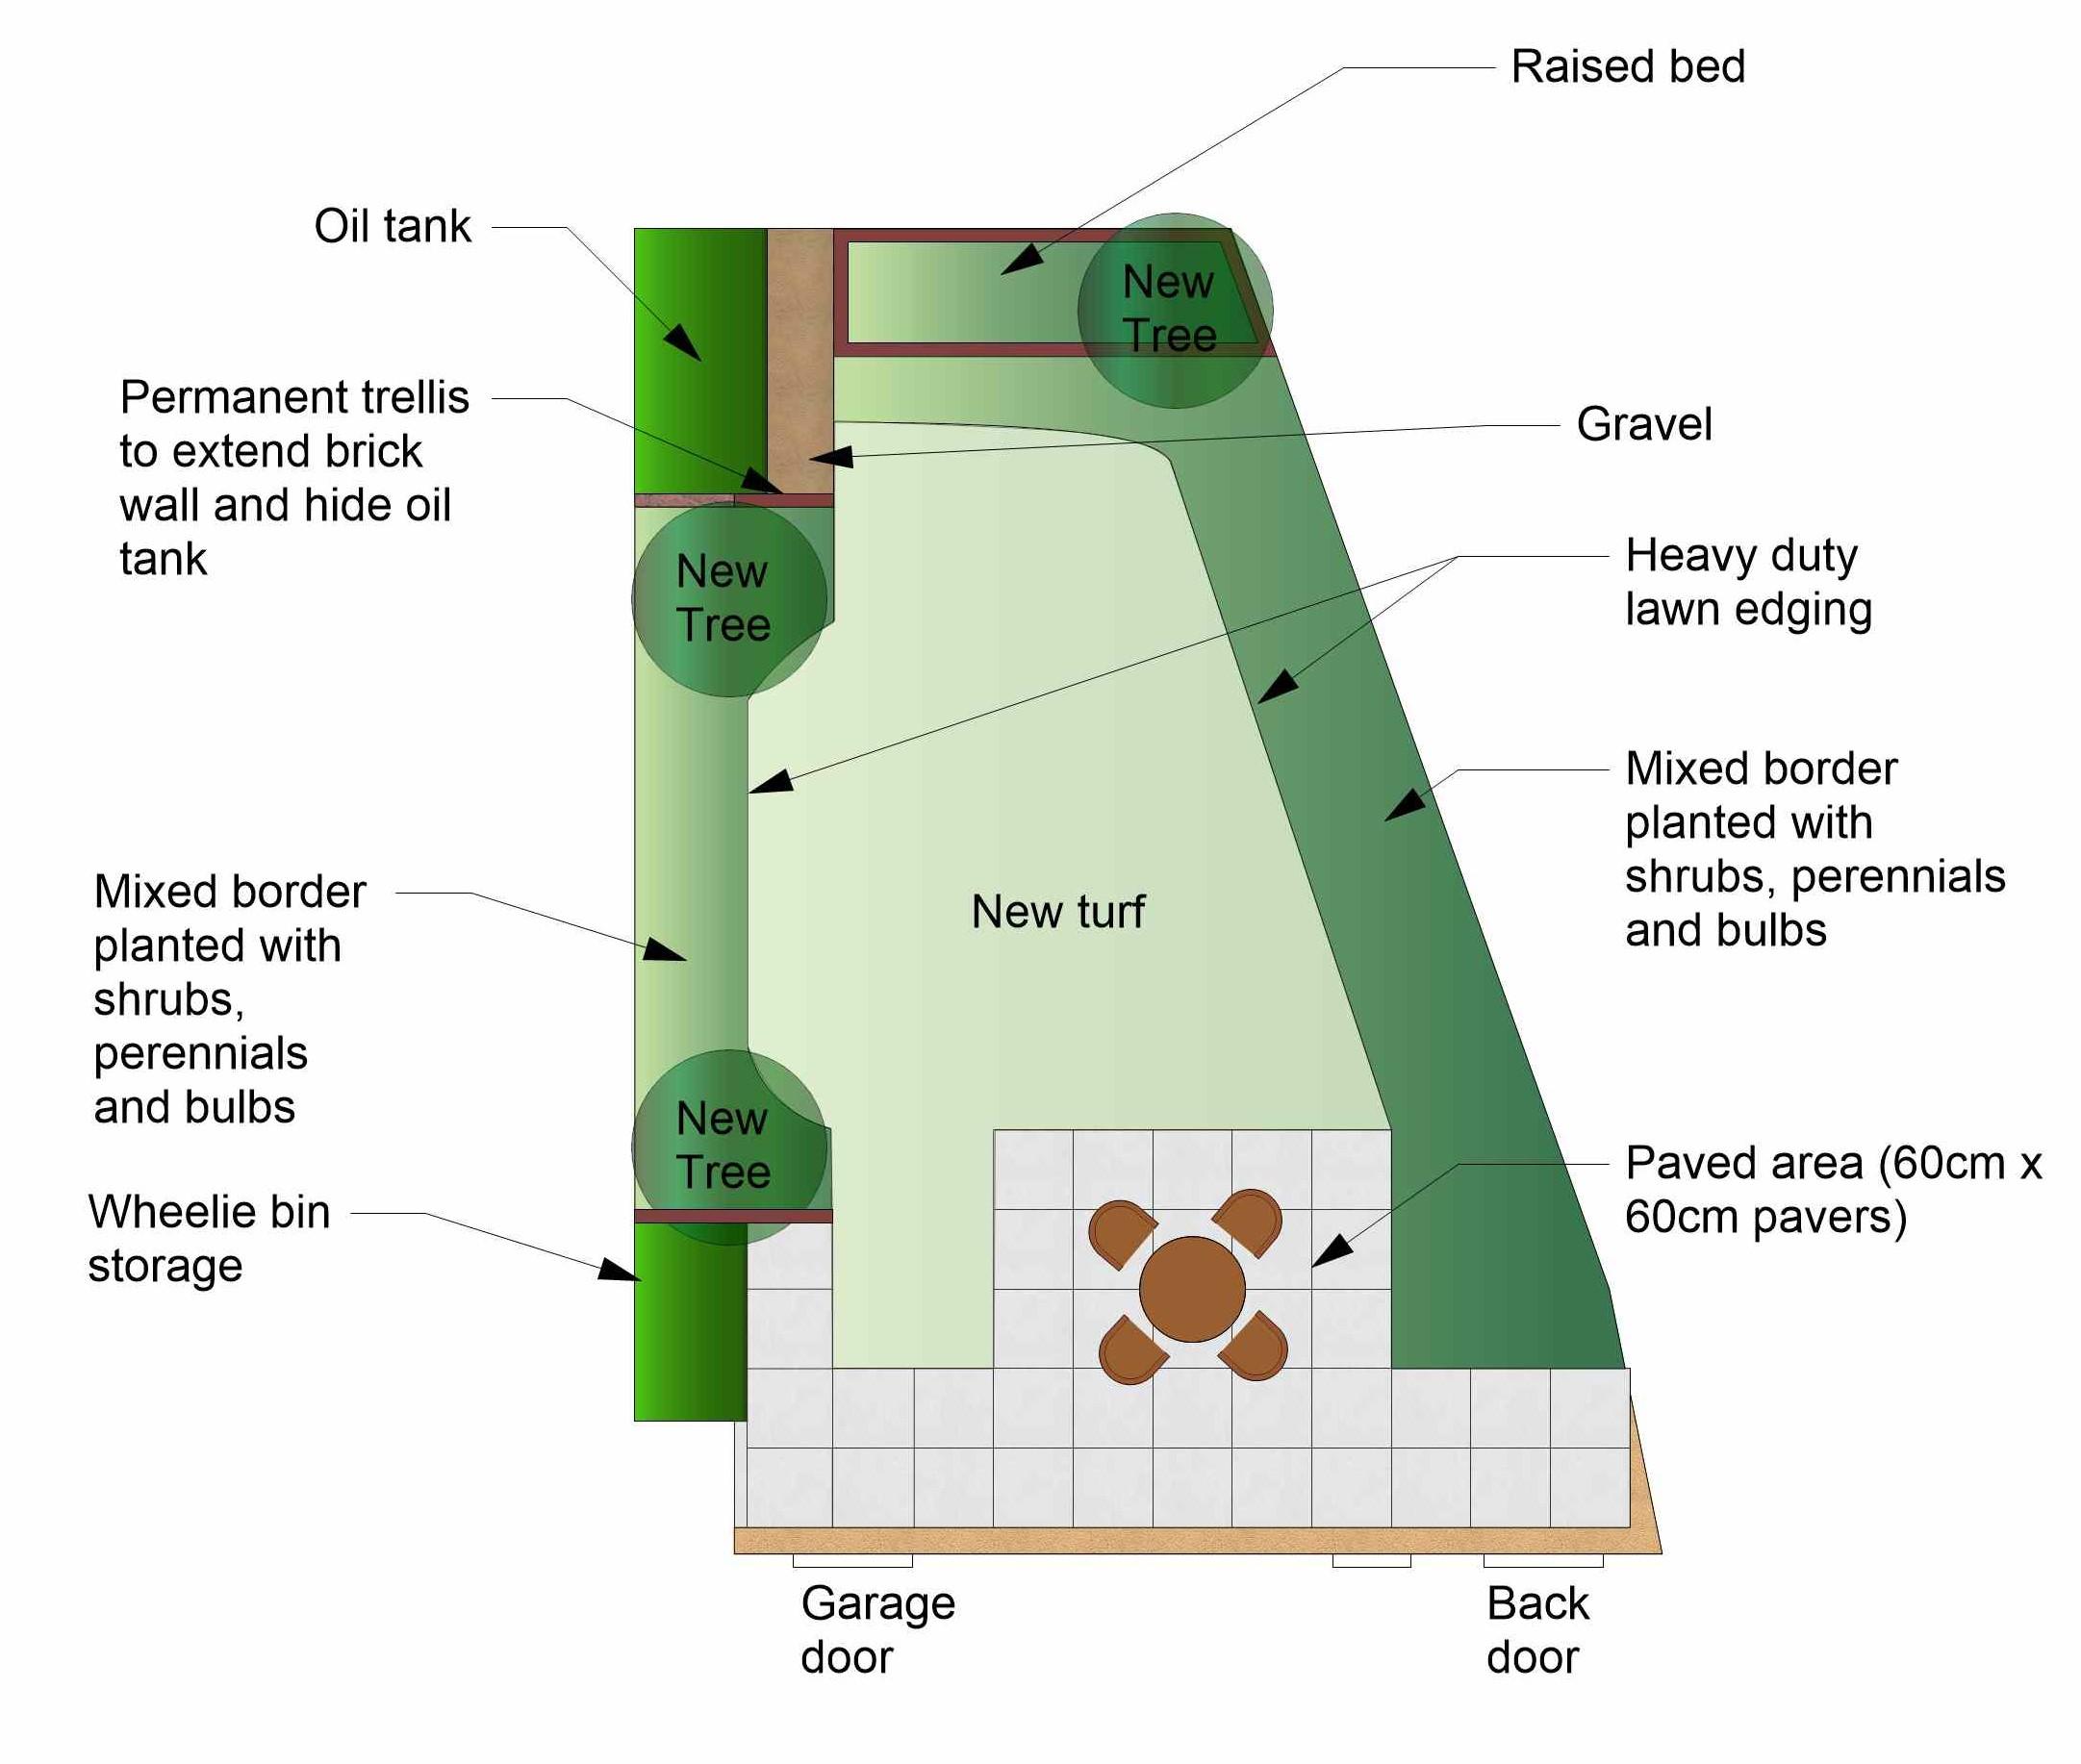 Plan View of the Draft Plan